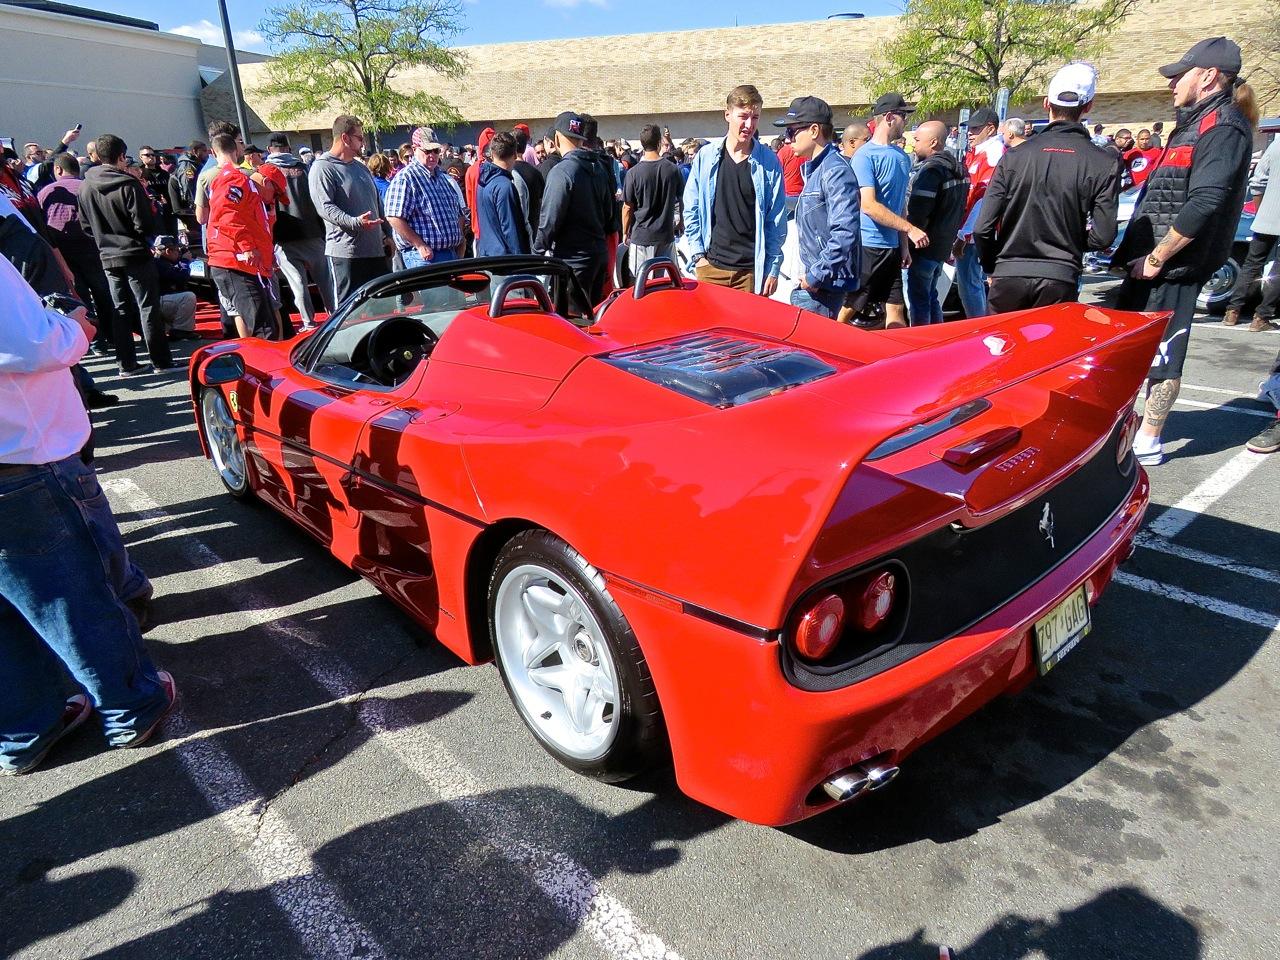 Ferrari F50 Cars and Caffe 4